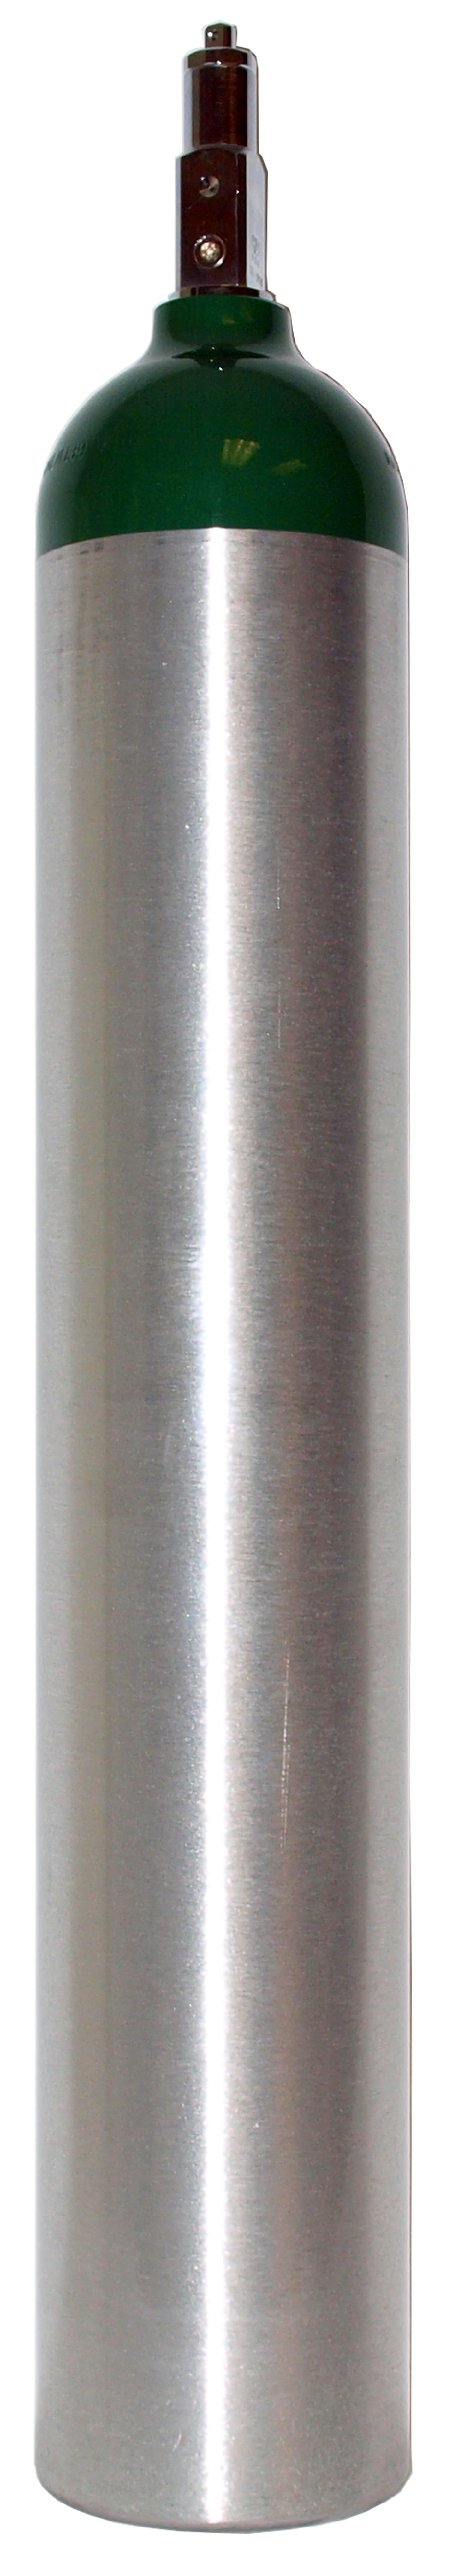 Oxygen Cylinder E Tank